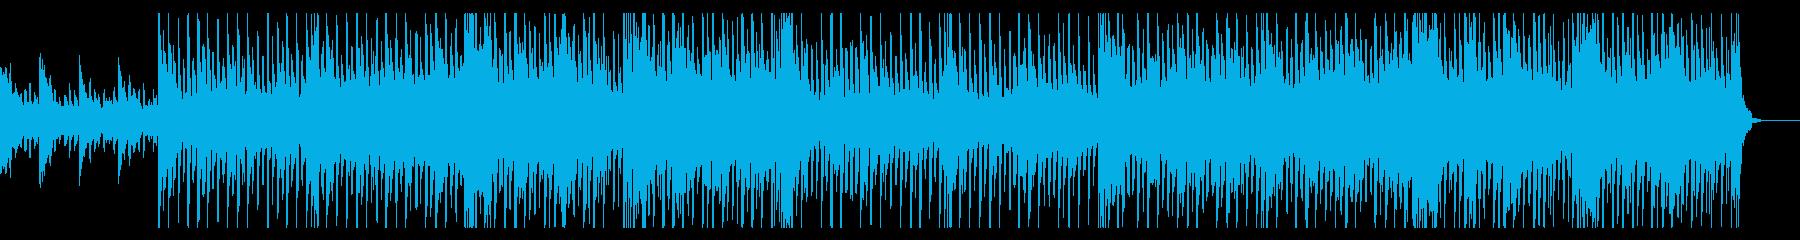 ポップ テクノ アンビエント 透明...の再生済みの波形